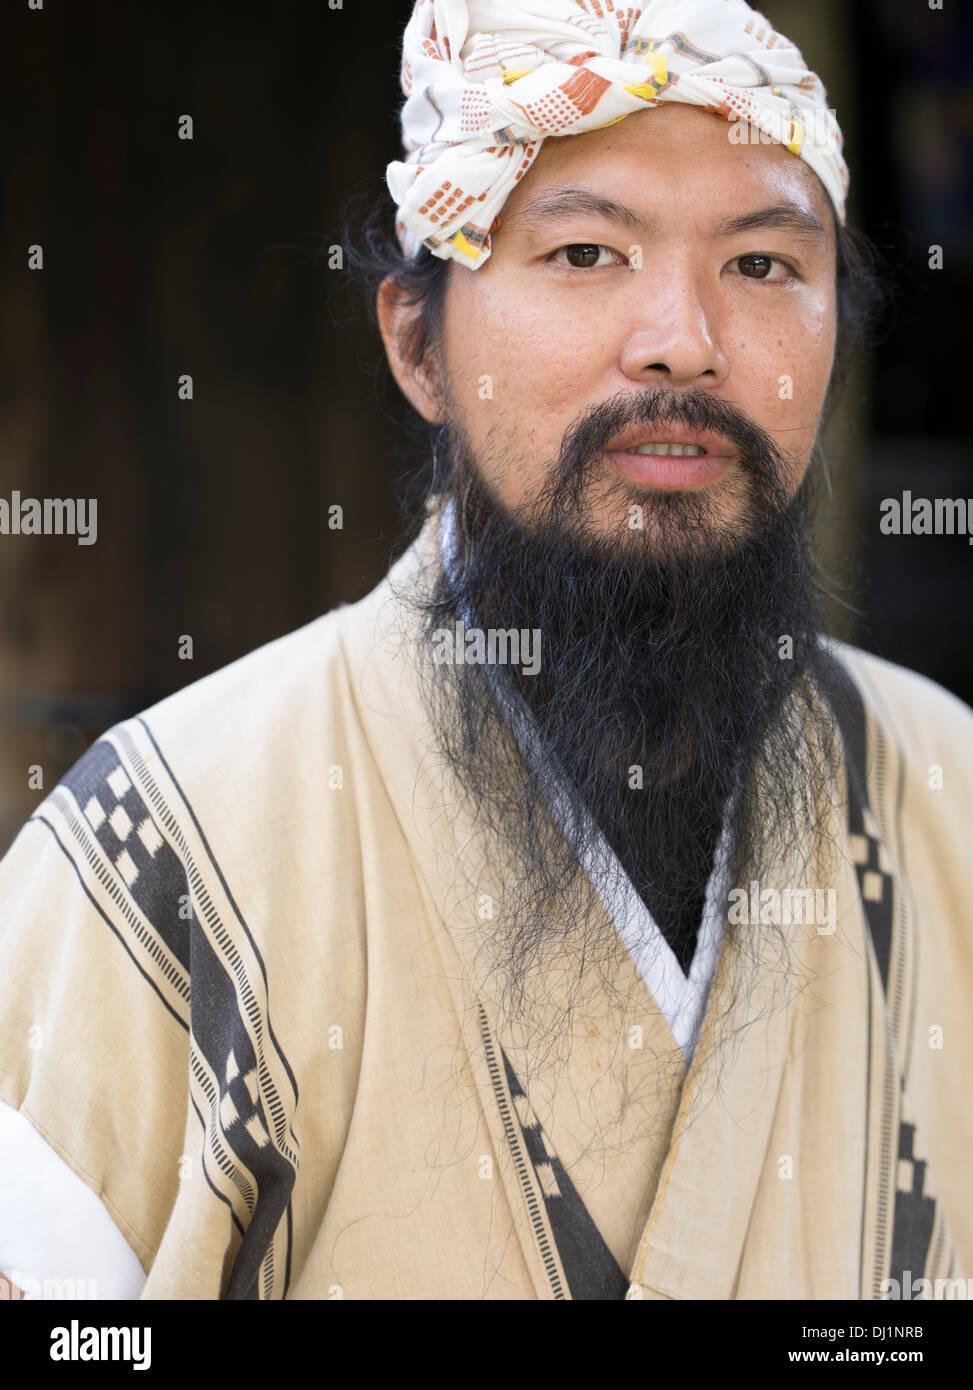 Hombre de Okinawa en traje tradicional en el histórico pueblo de Mura Ryukyu, Okinawa, Japón Imagen De Stock